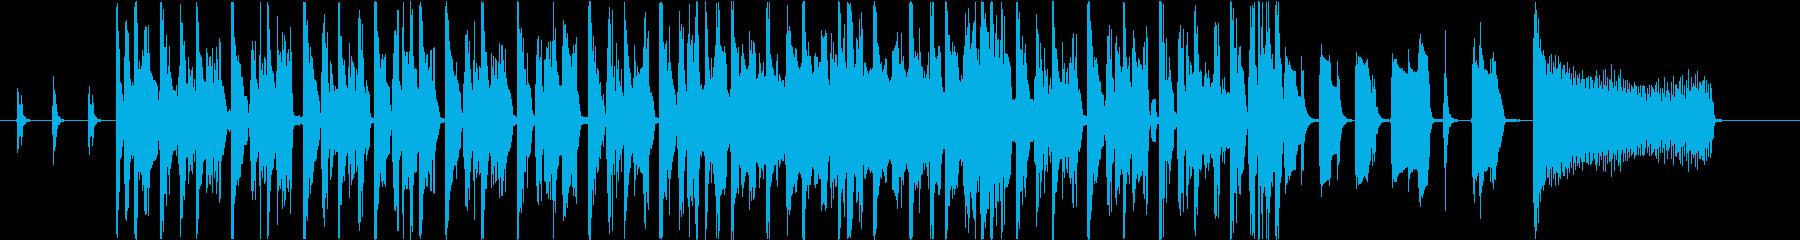 30秒ポップな50's風UpテンポR&Bの再生済みの波形